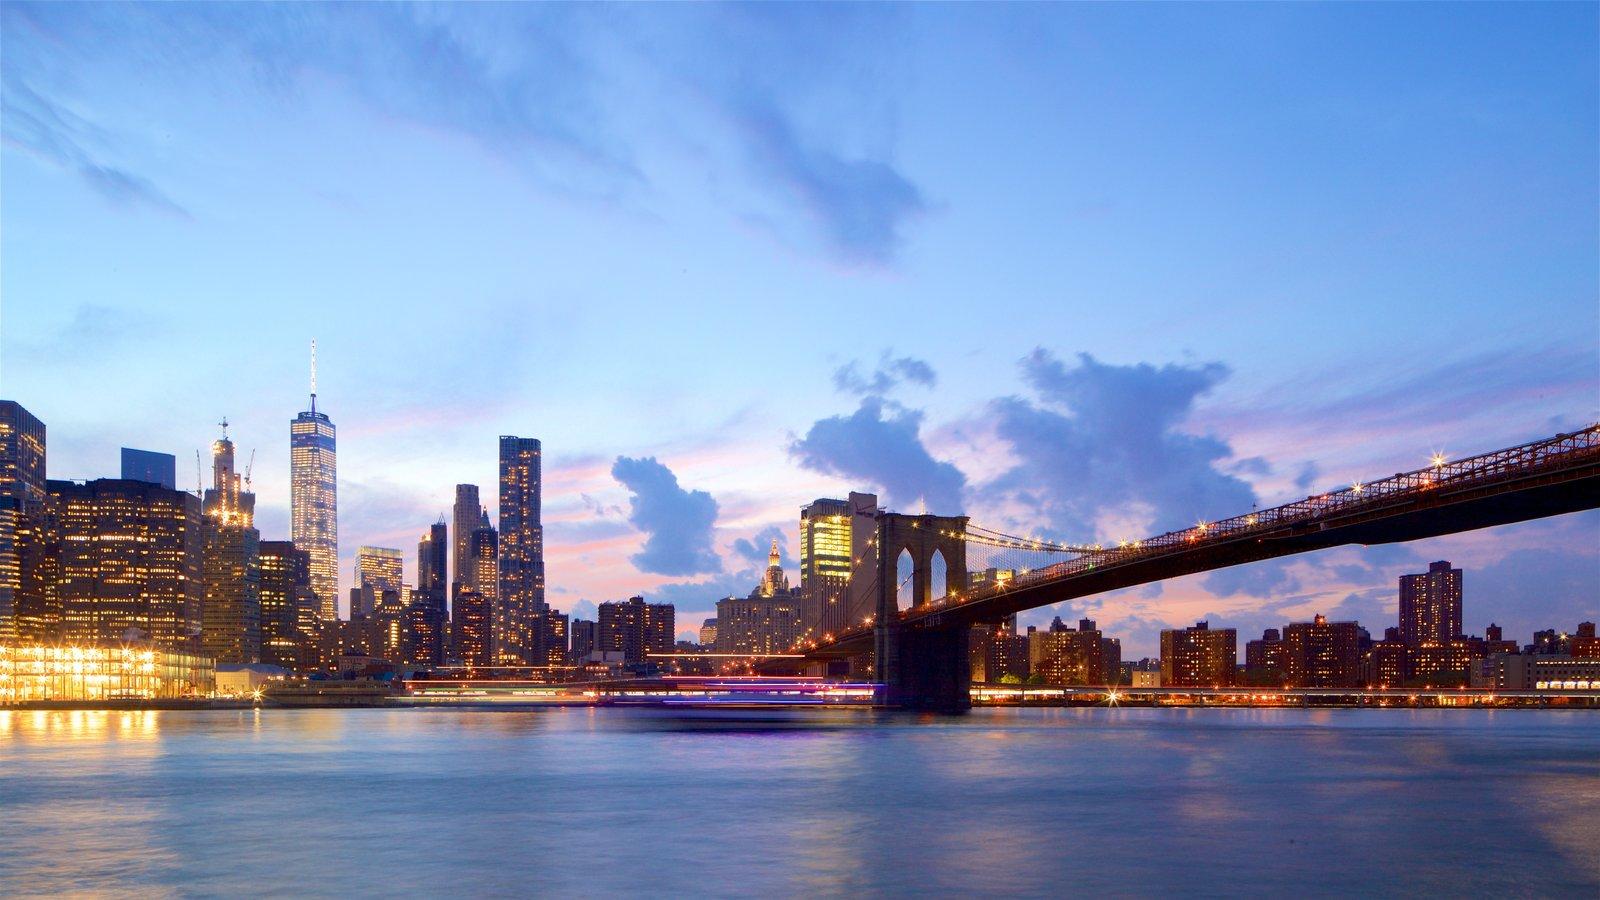 Brooklyn Heights Promenade que inclui um edifício, uma cidade e um rio ou córrego